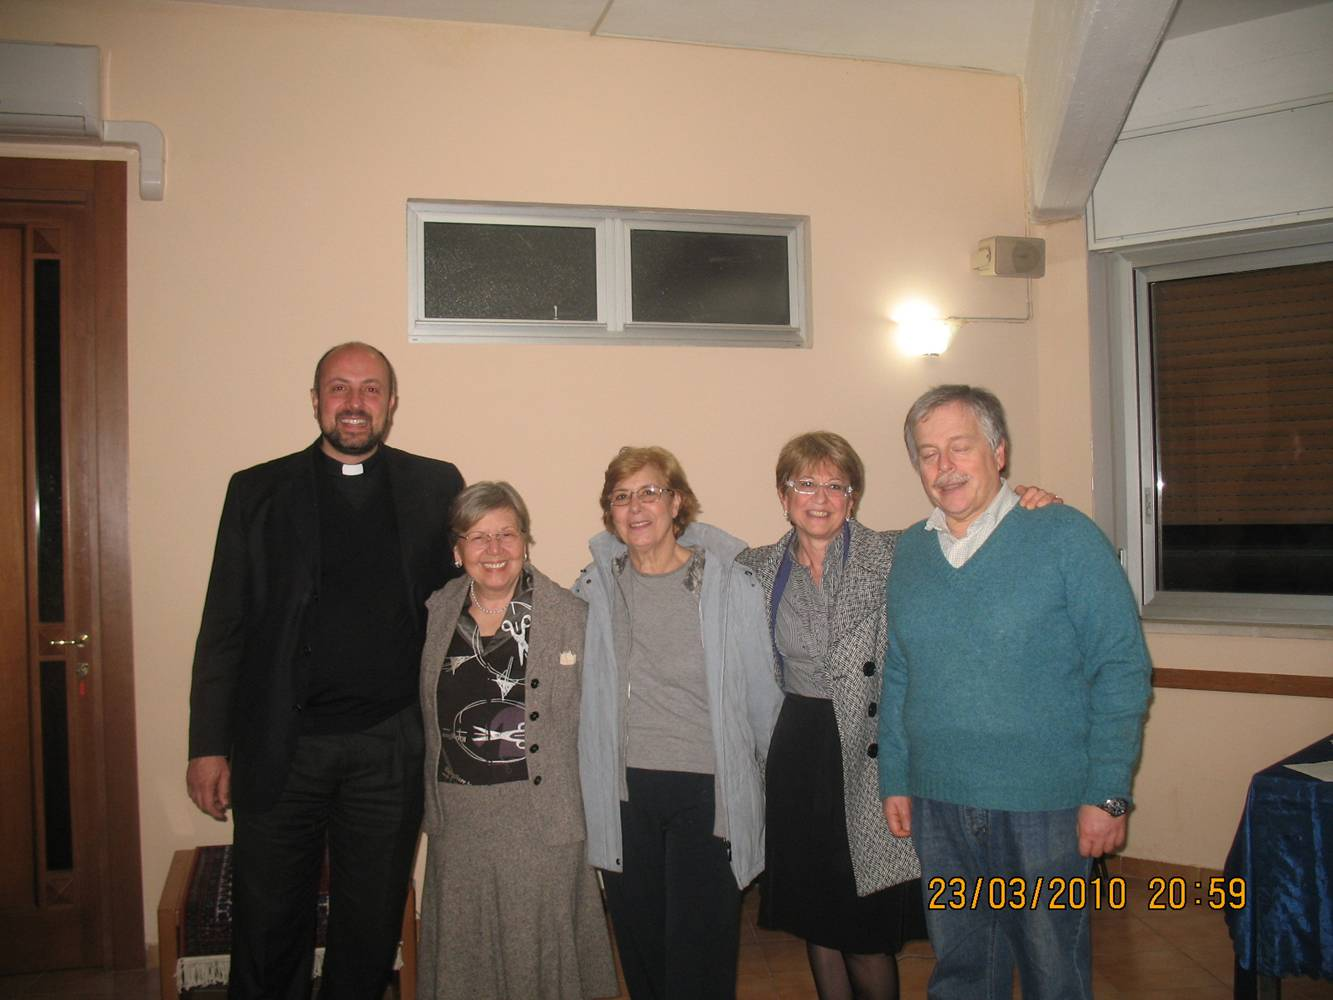 http://associazioneamec.com/amec/images/foto/Immagine3.jpg